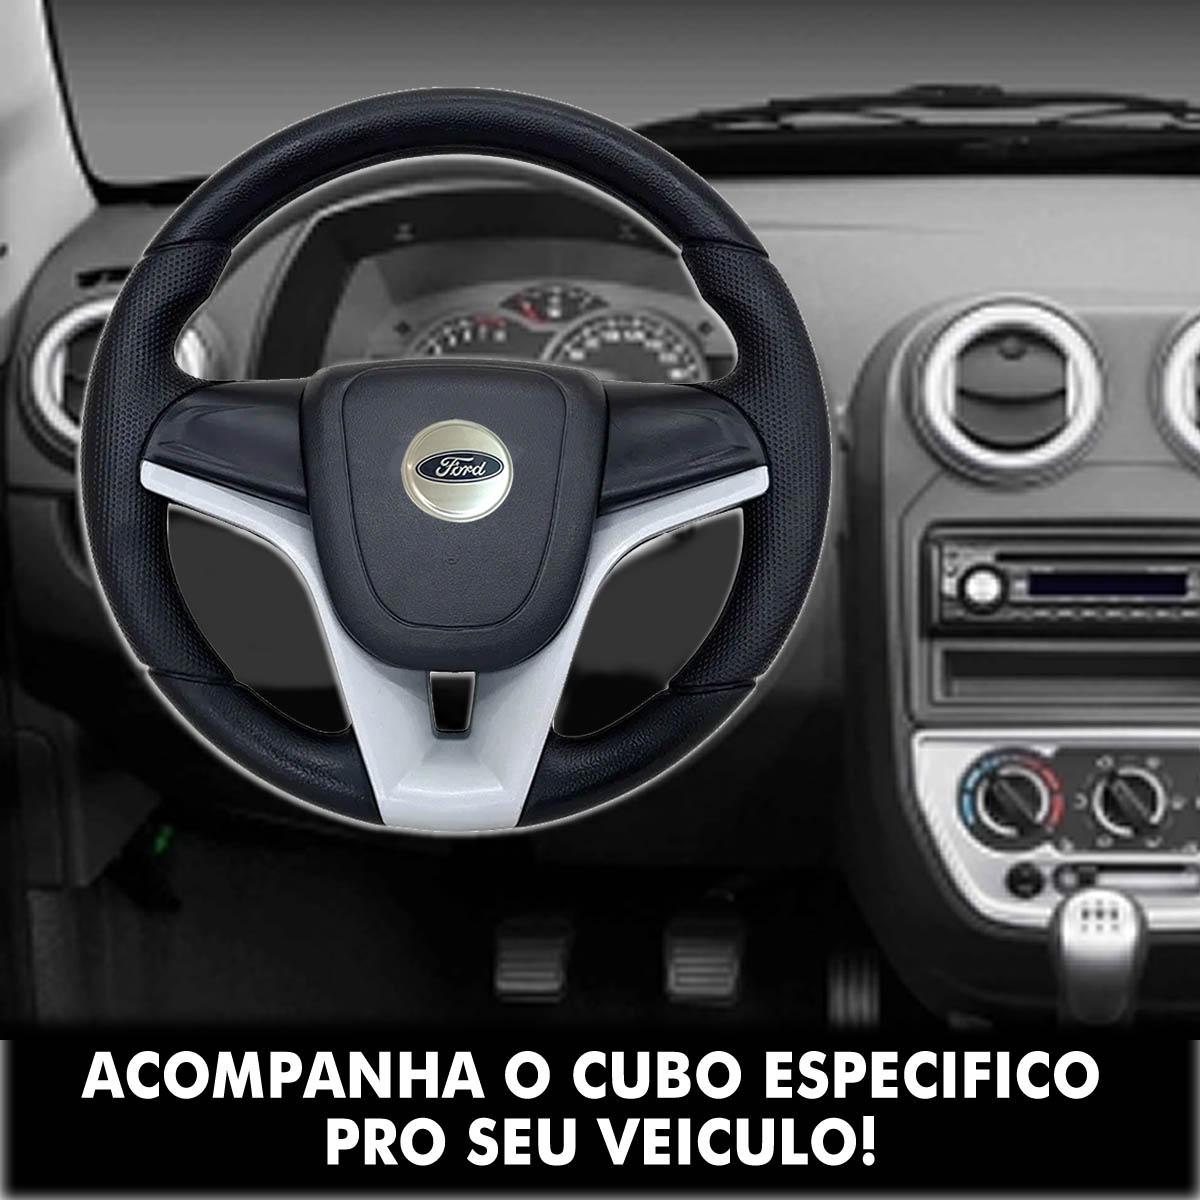 Volante Ford do Cruze Esportivo Cubo Corcel Maverick Pampa Poliparts